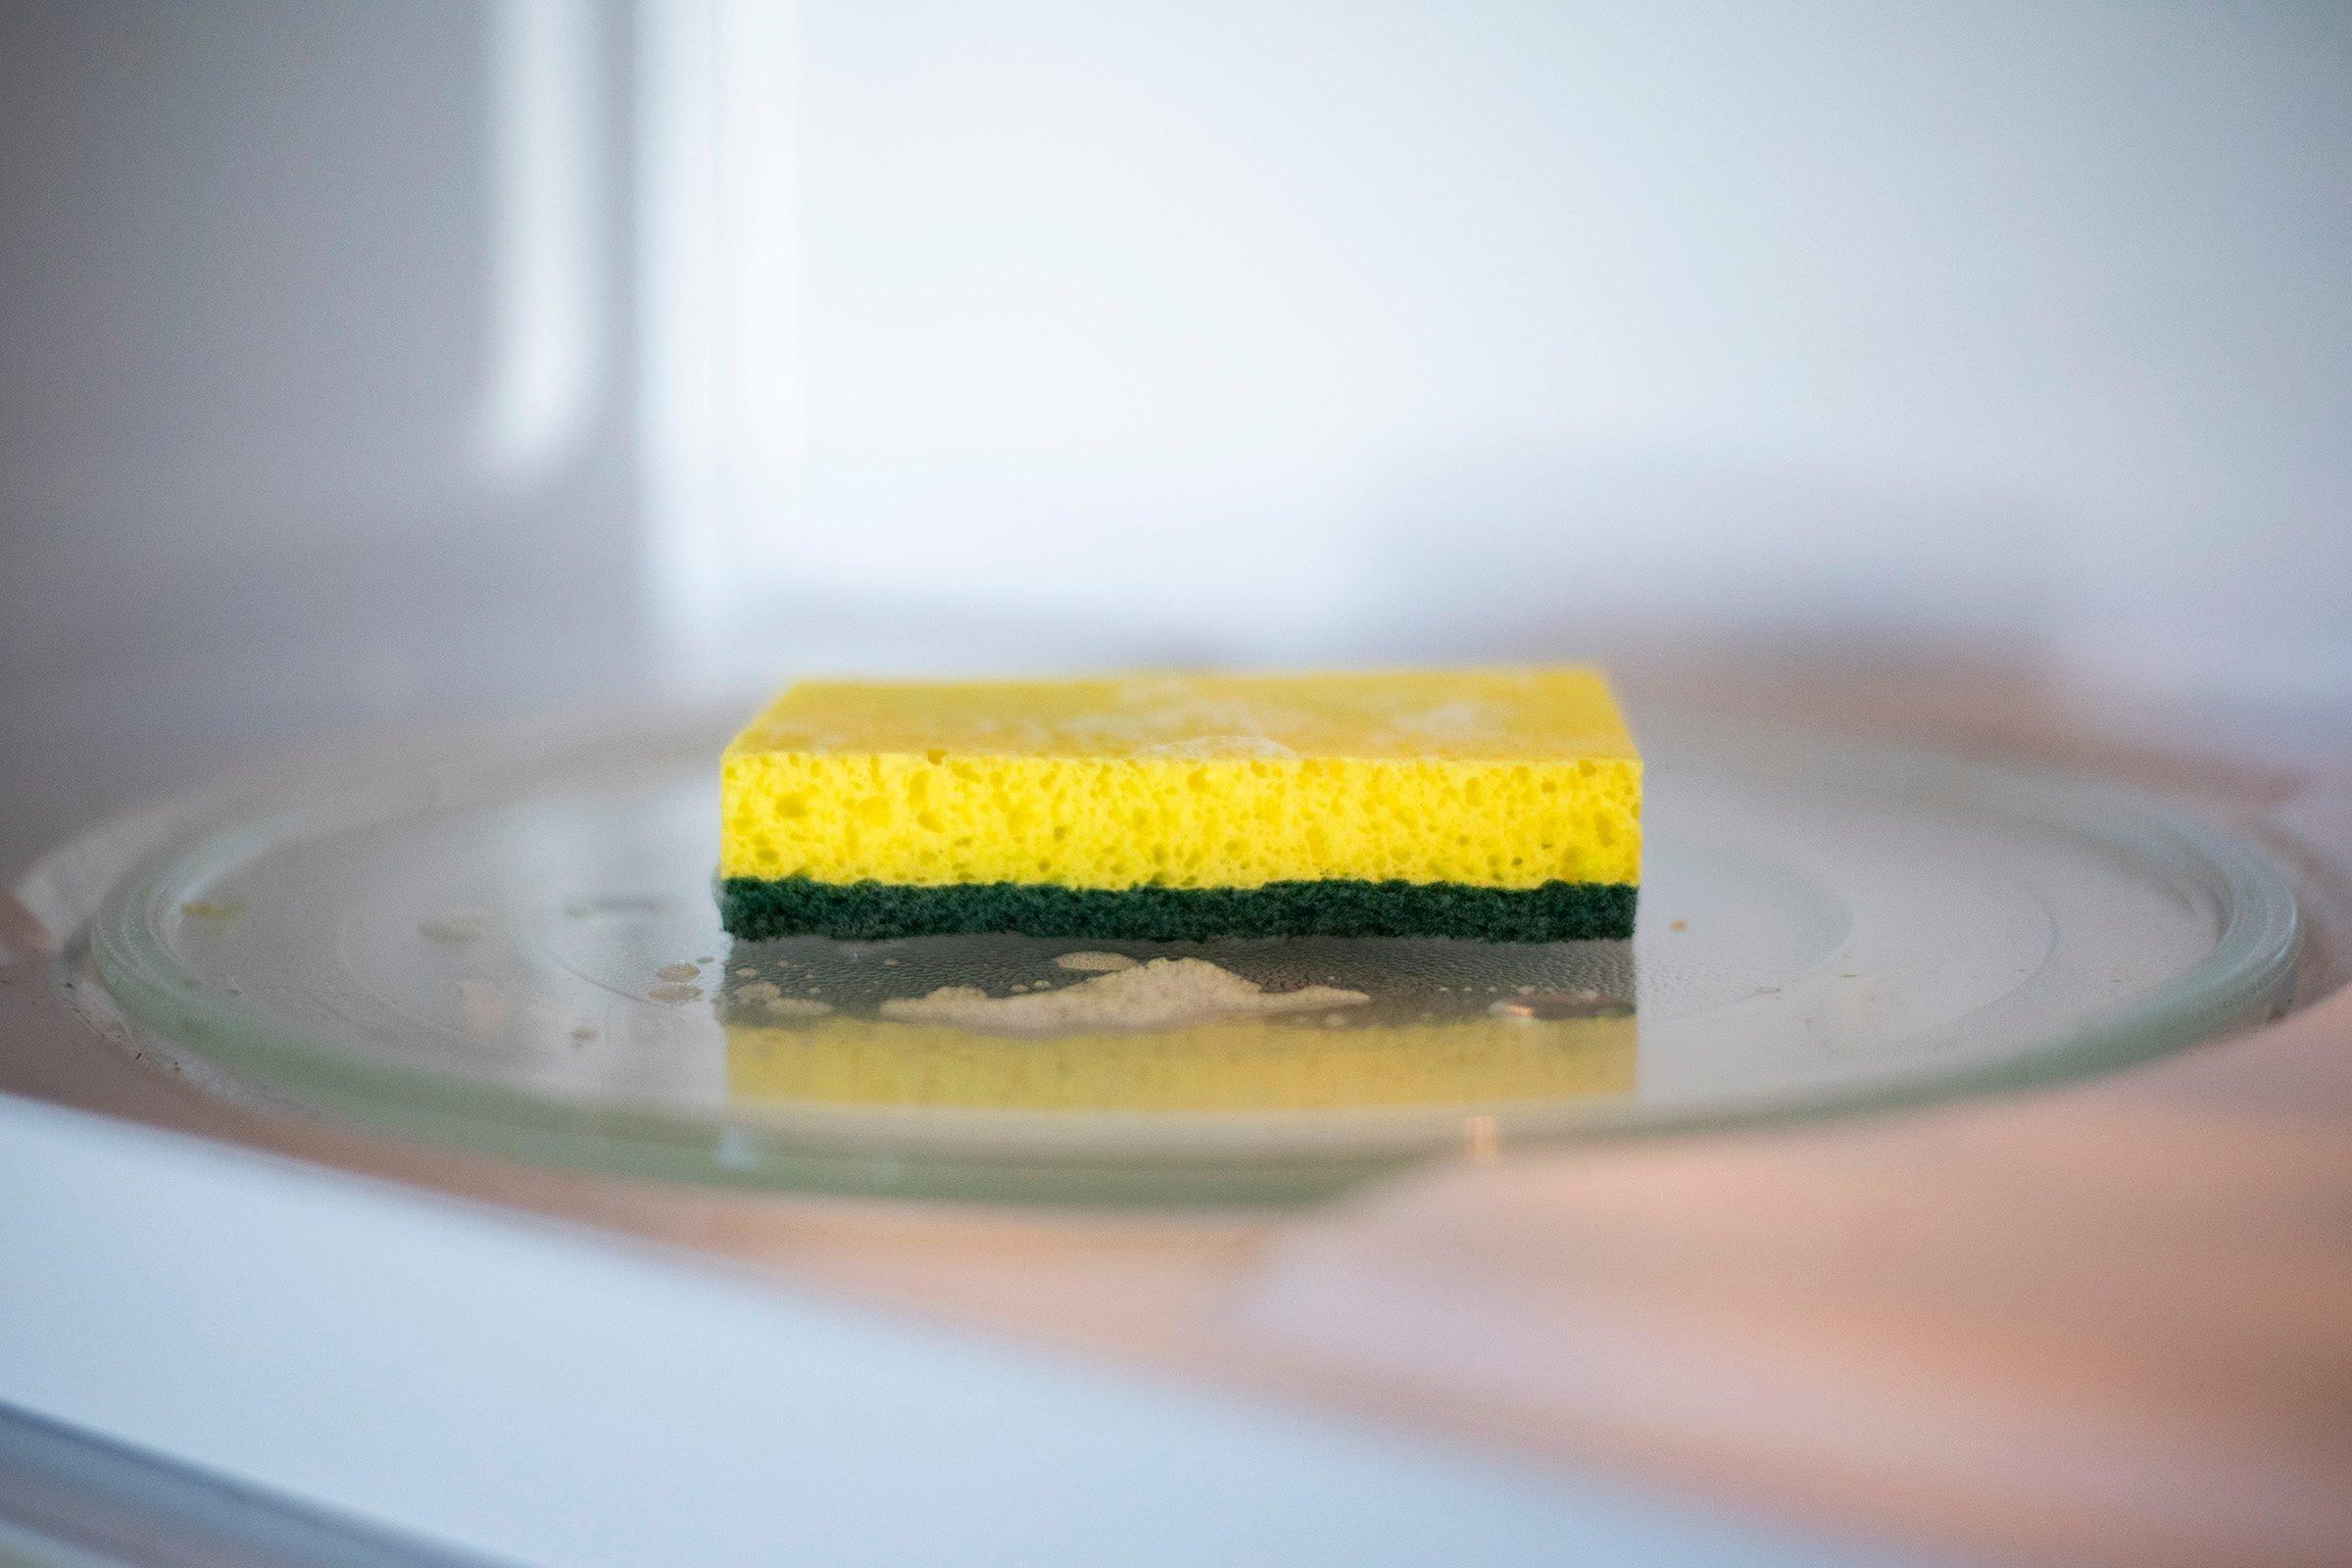 microwaving sponges